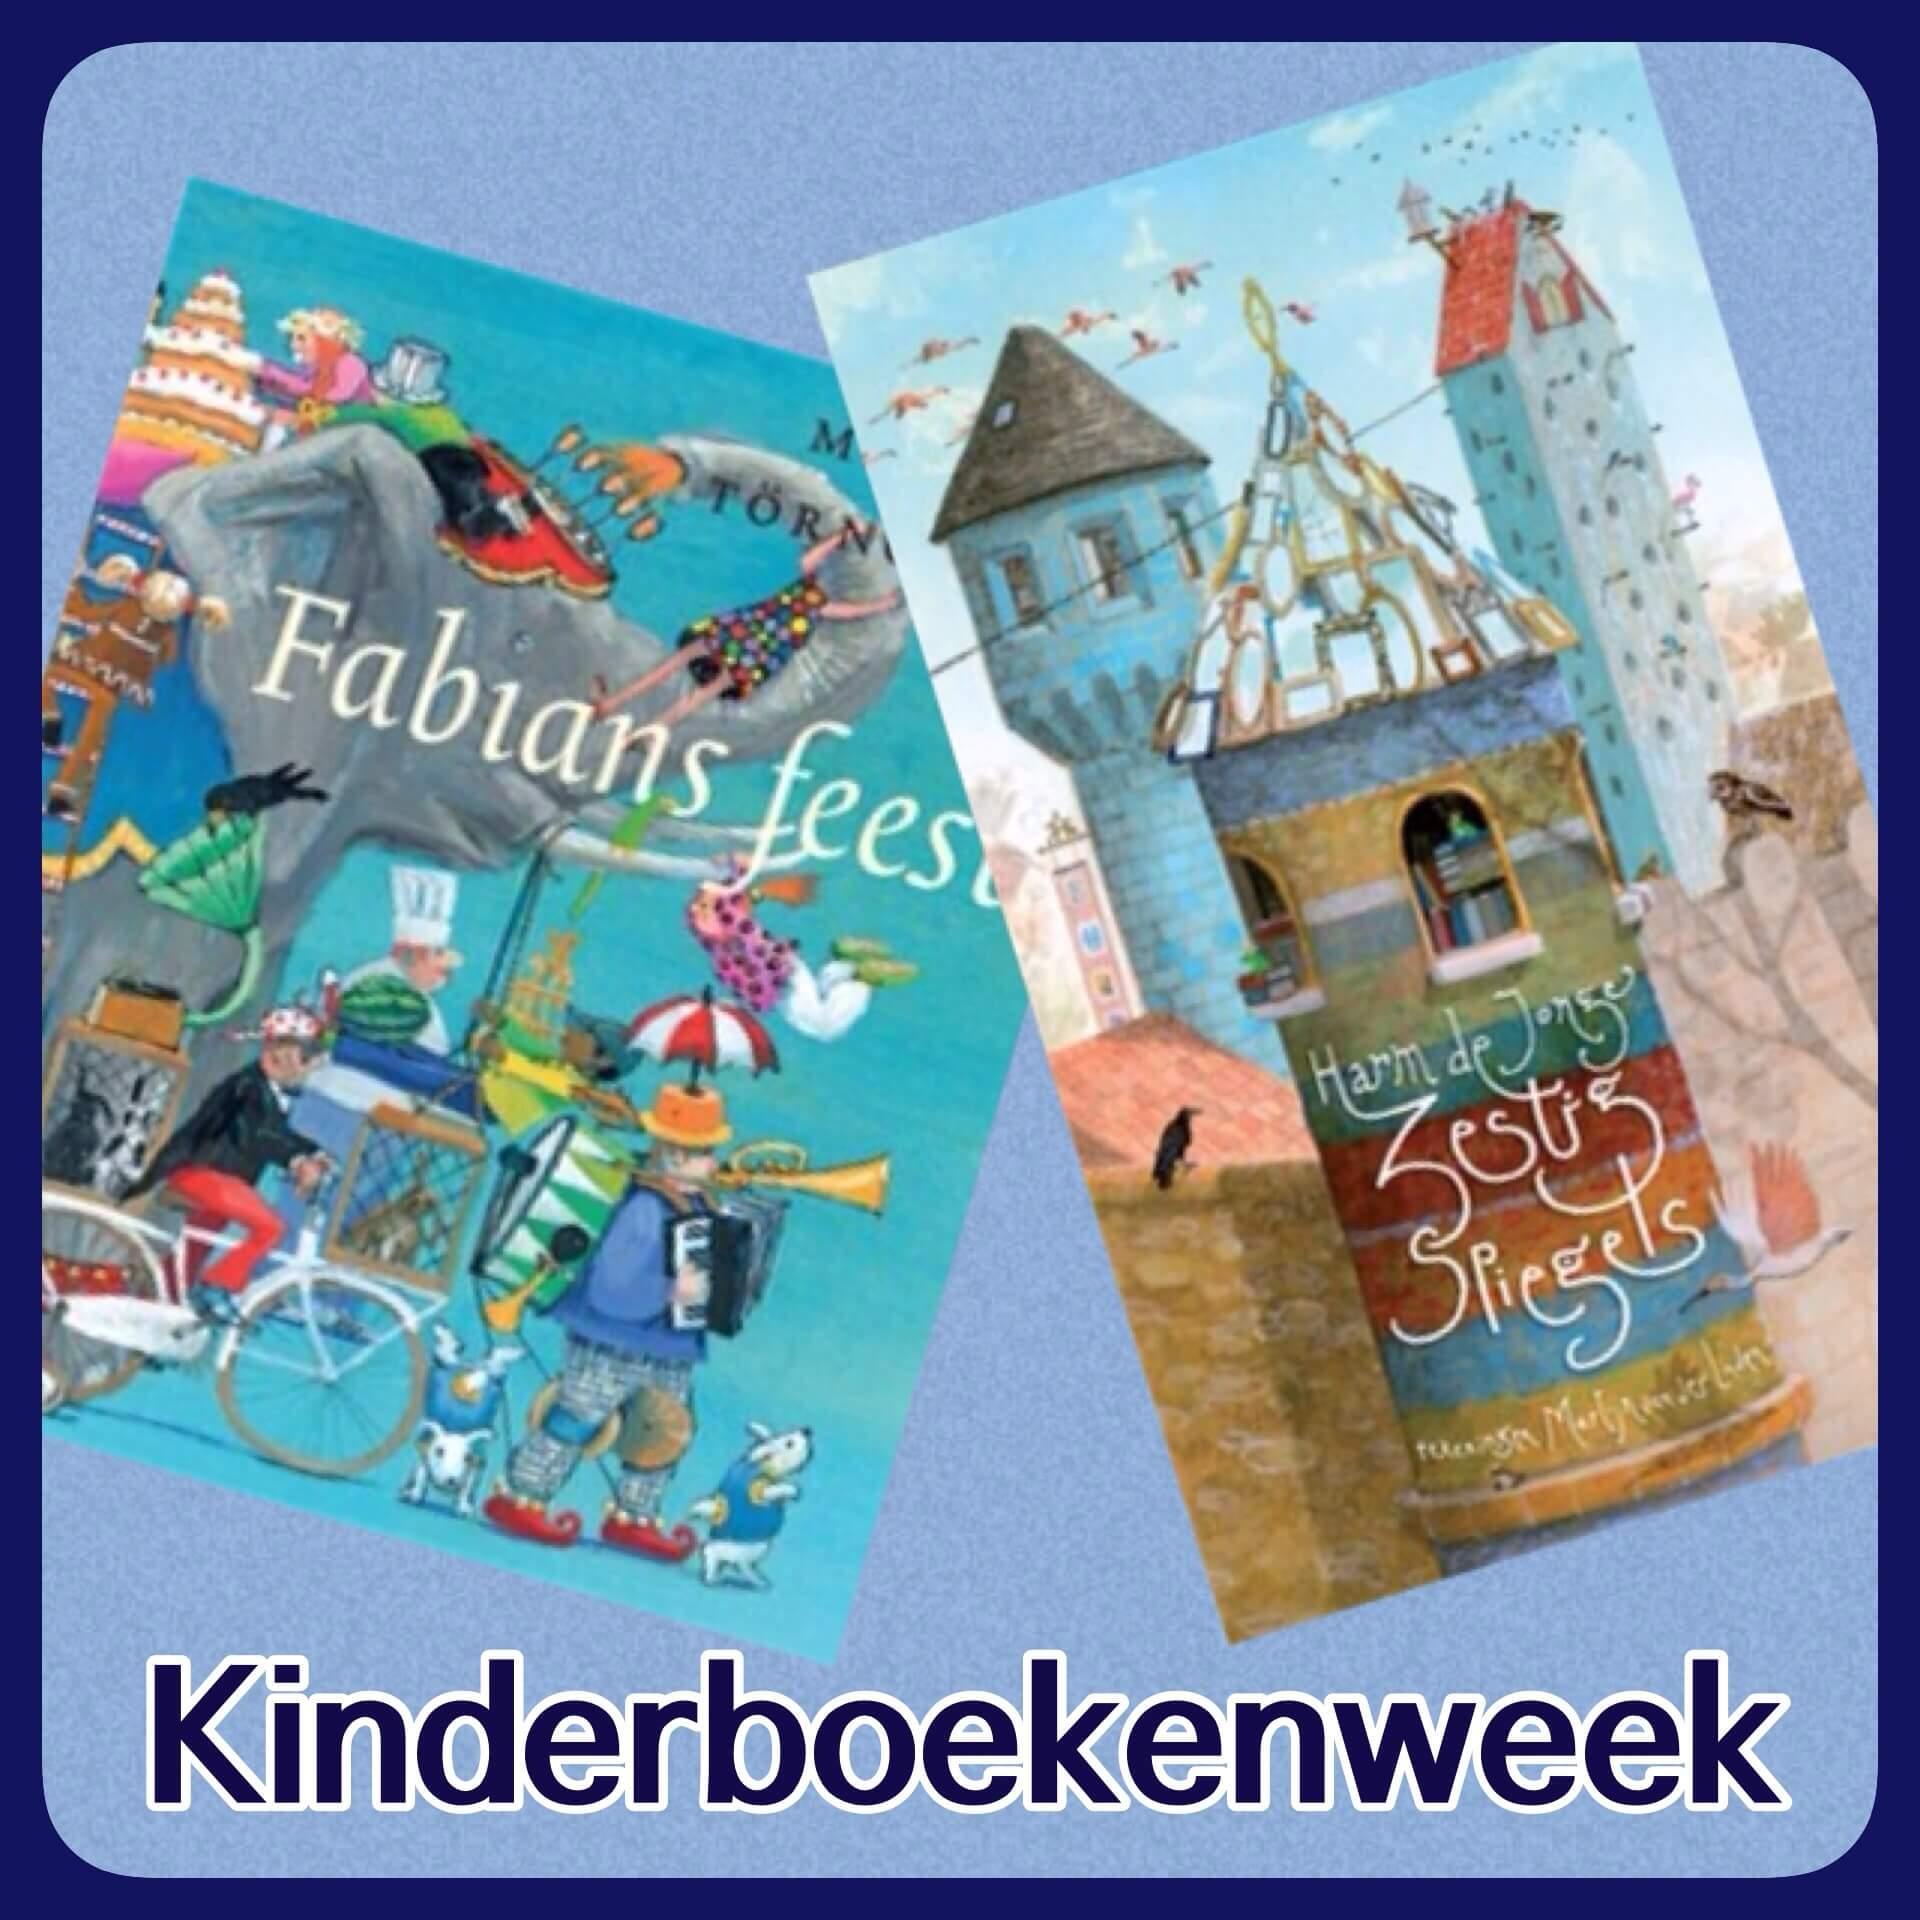 Kinderboekenweek met thema Feest! – de leukste tips